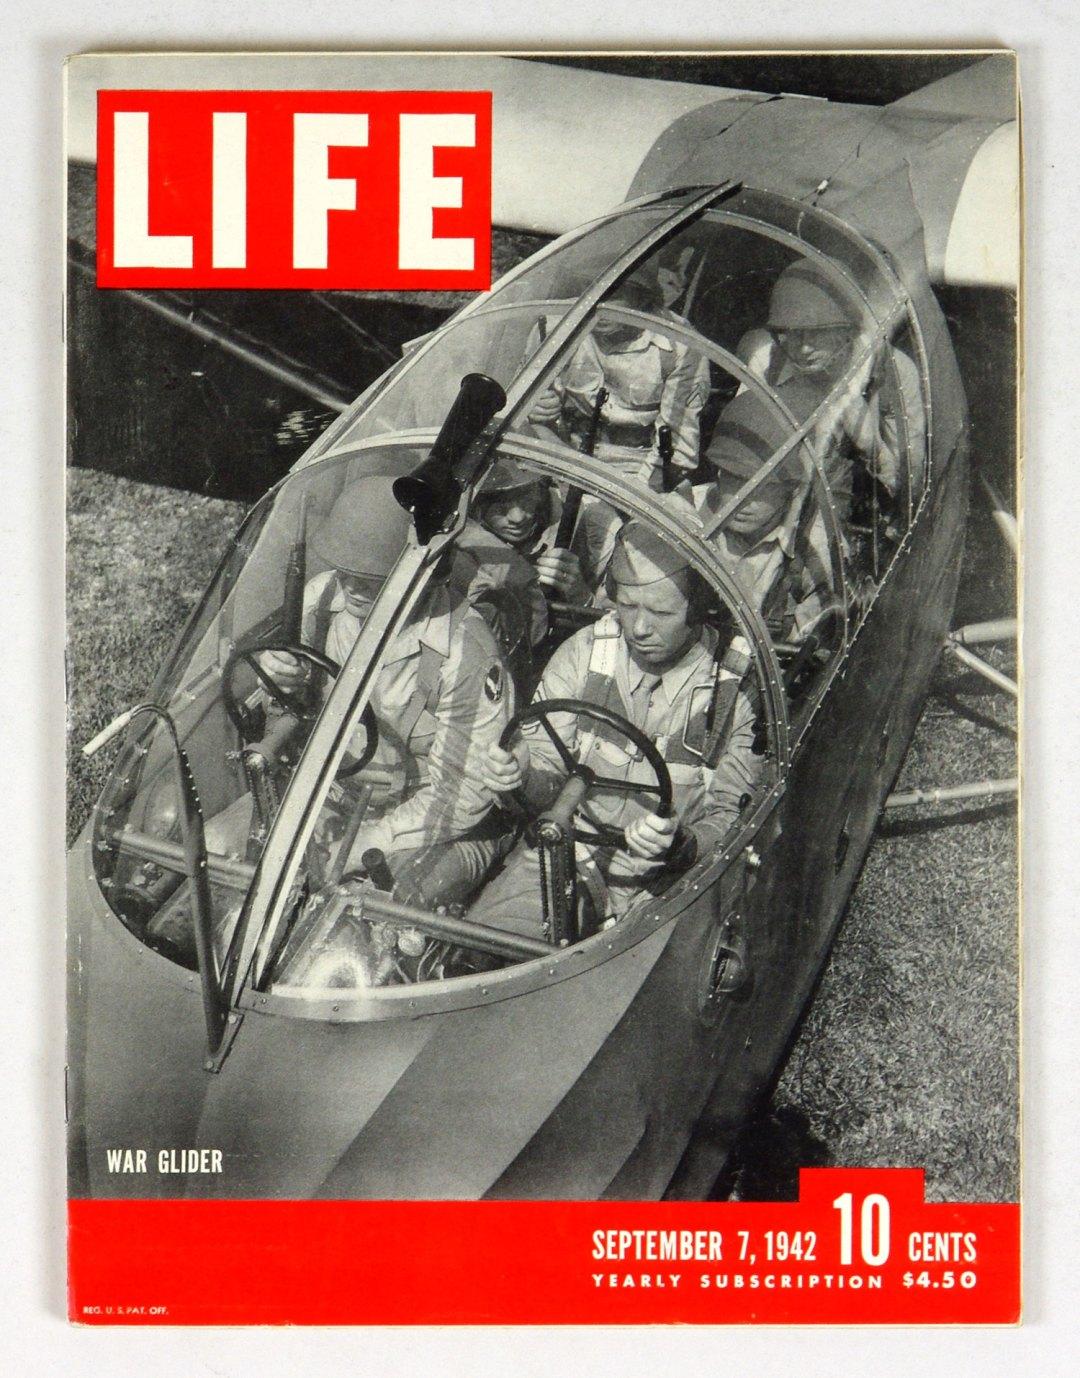 LIFE Magazine 1942 September 7 War Glider Hound